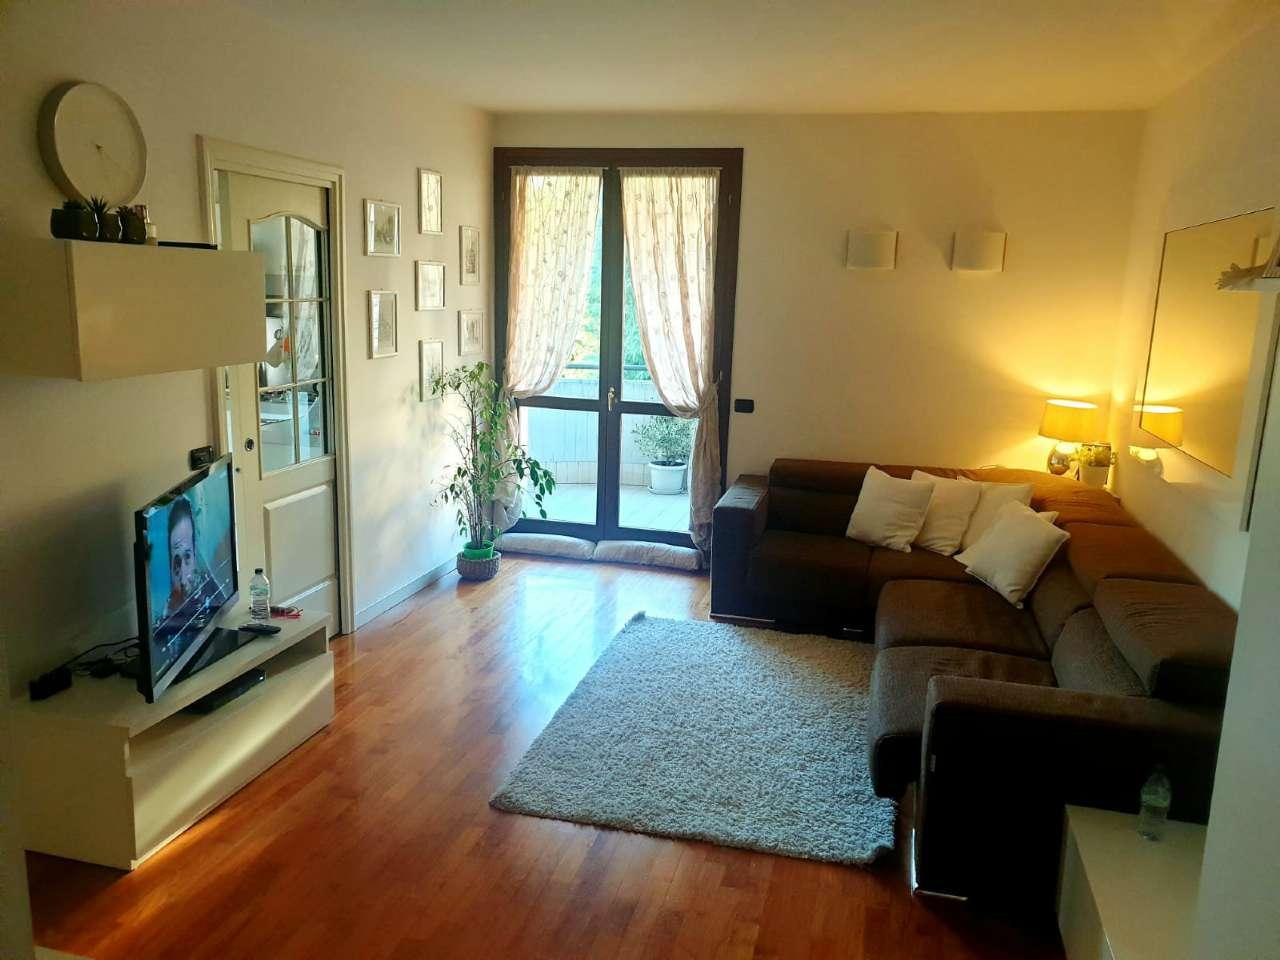 Appartamento in vendita a Cavenago di Brianza, 3 locali, prezzo € 165.000 | CambioCasa.it